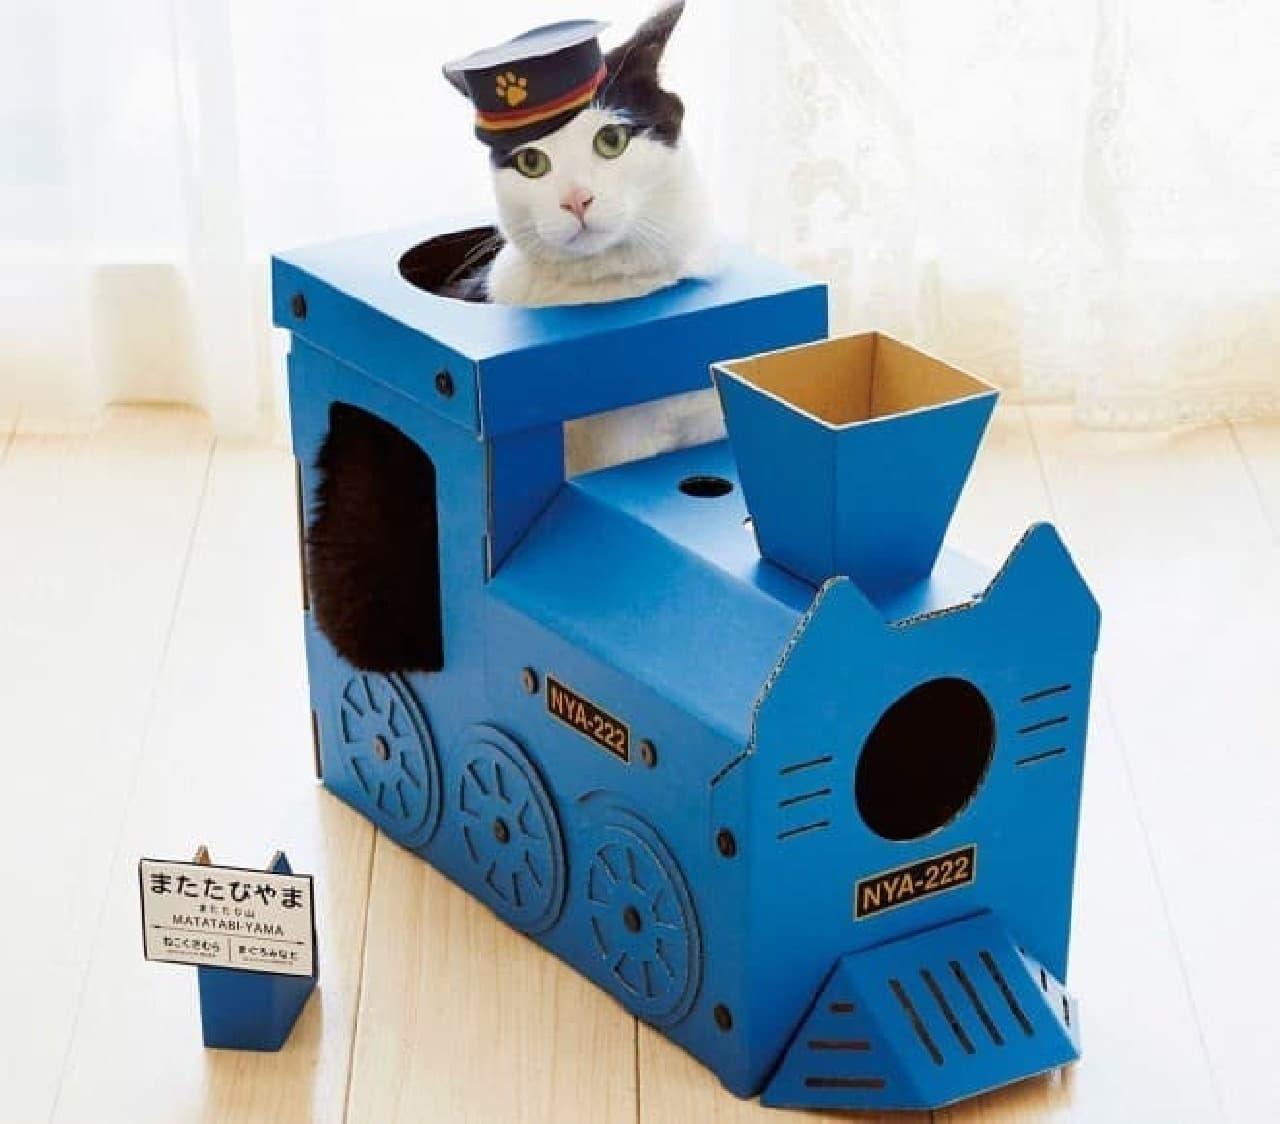 ダンボール製のツメ研ぎハウス「つめとぎ猫機関車」